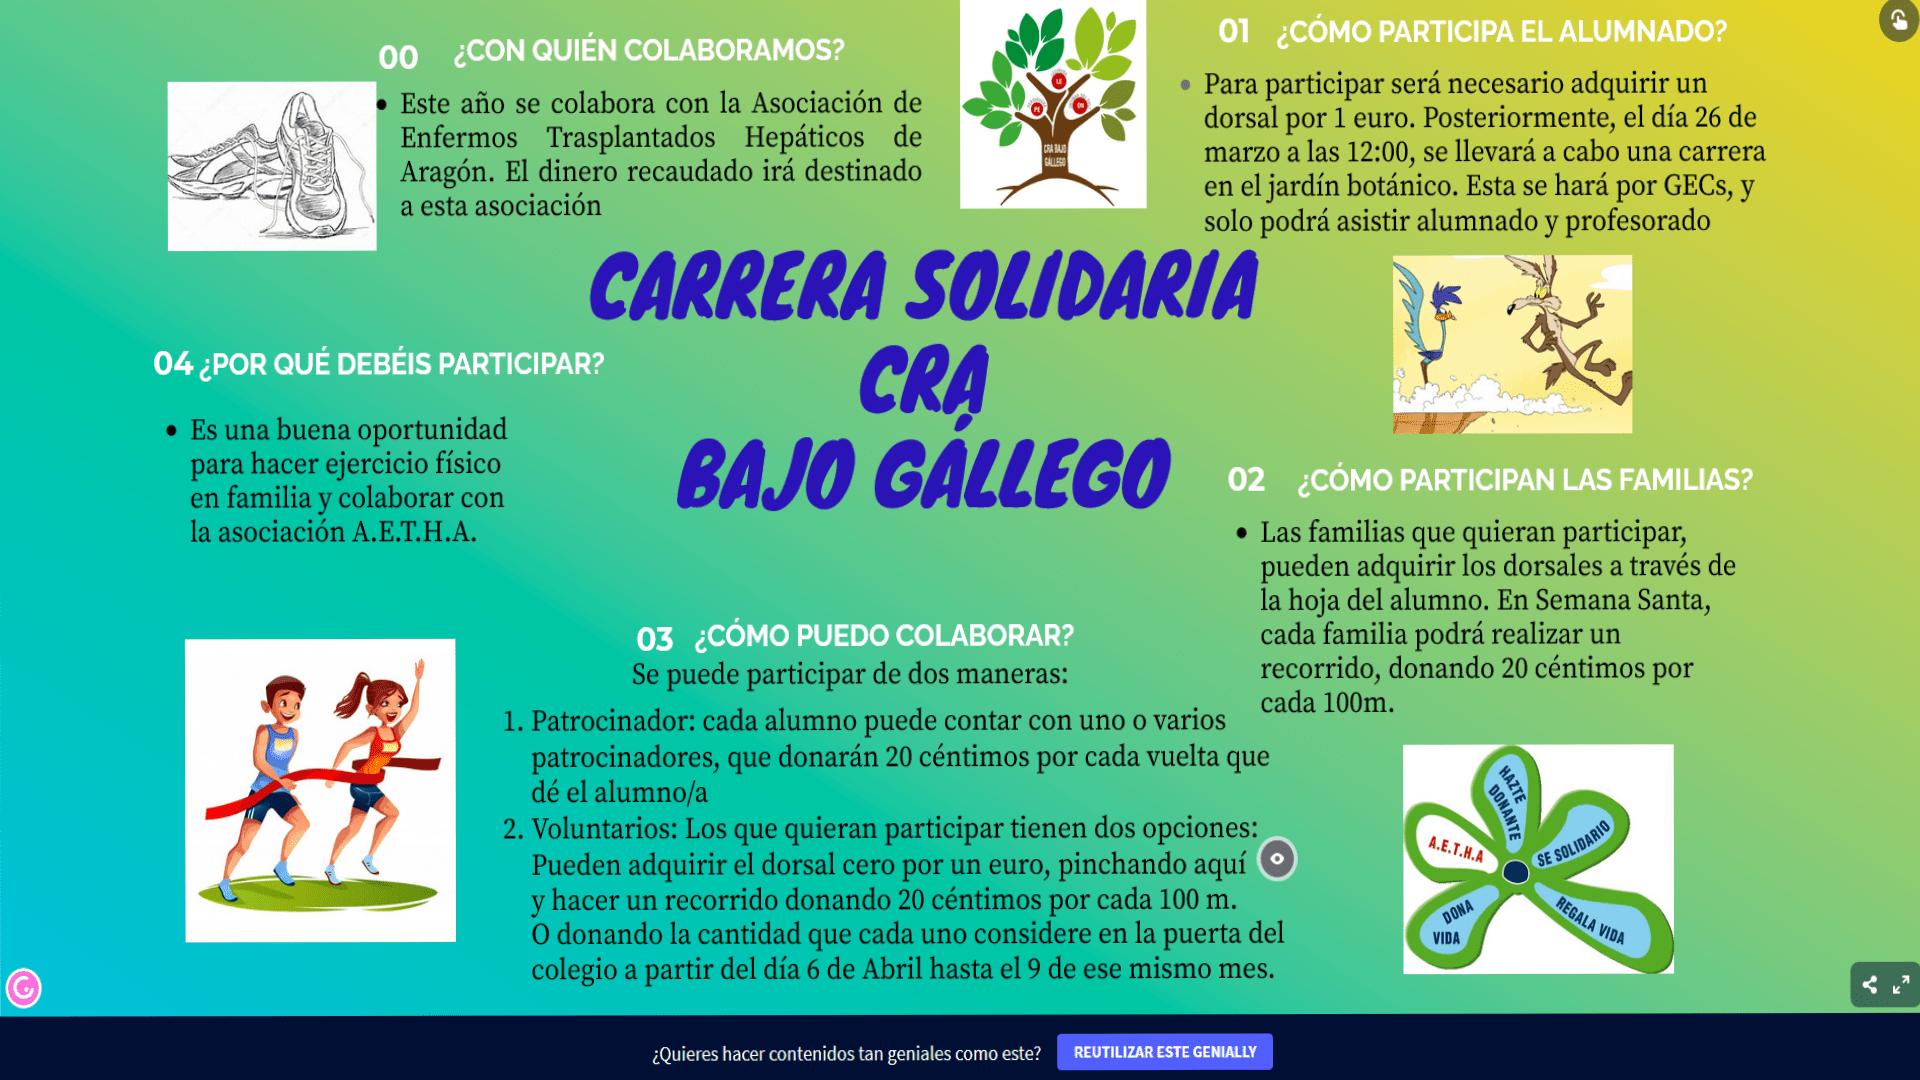 CARRERA SOLIDARIA CRA BAJO GÁLLEGO-AETHA